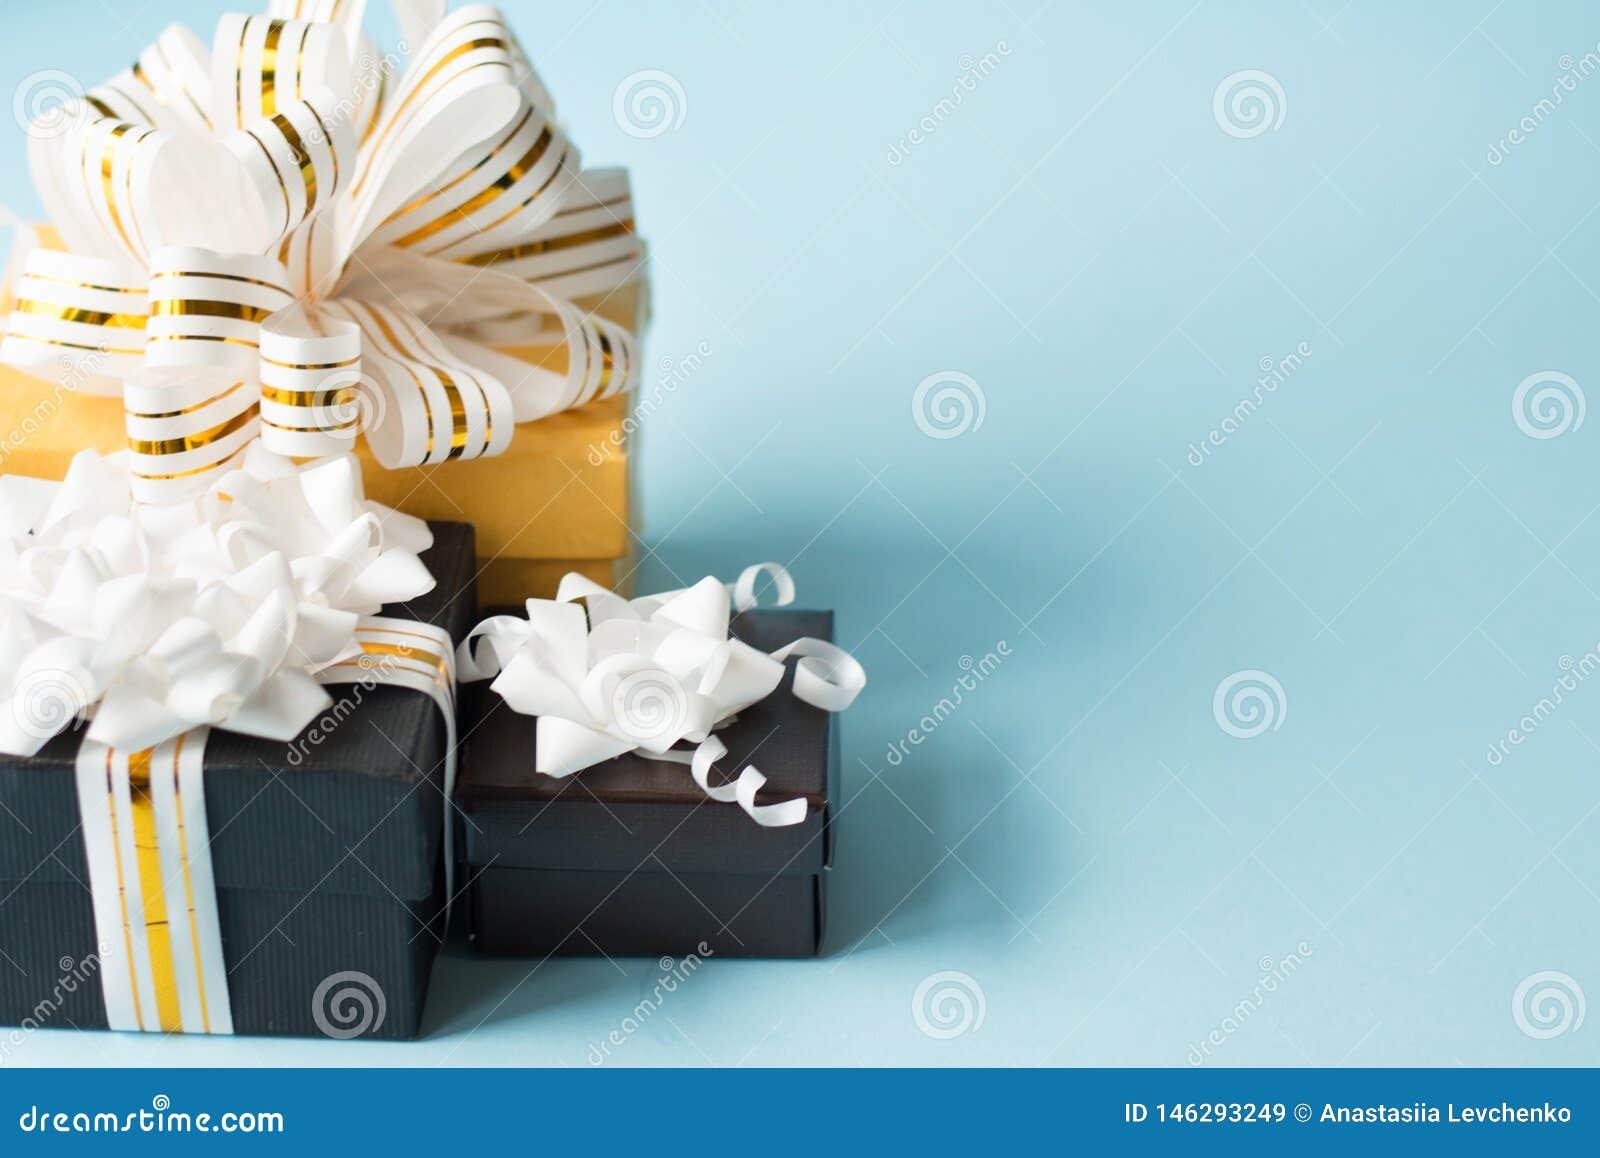 用在蓝色背景的弓包裹和装饰的浪漫礼物平的位置与拷贝空间 ??